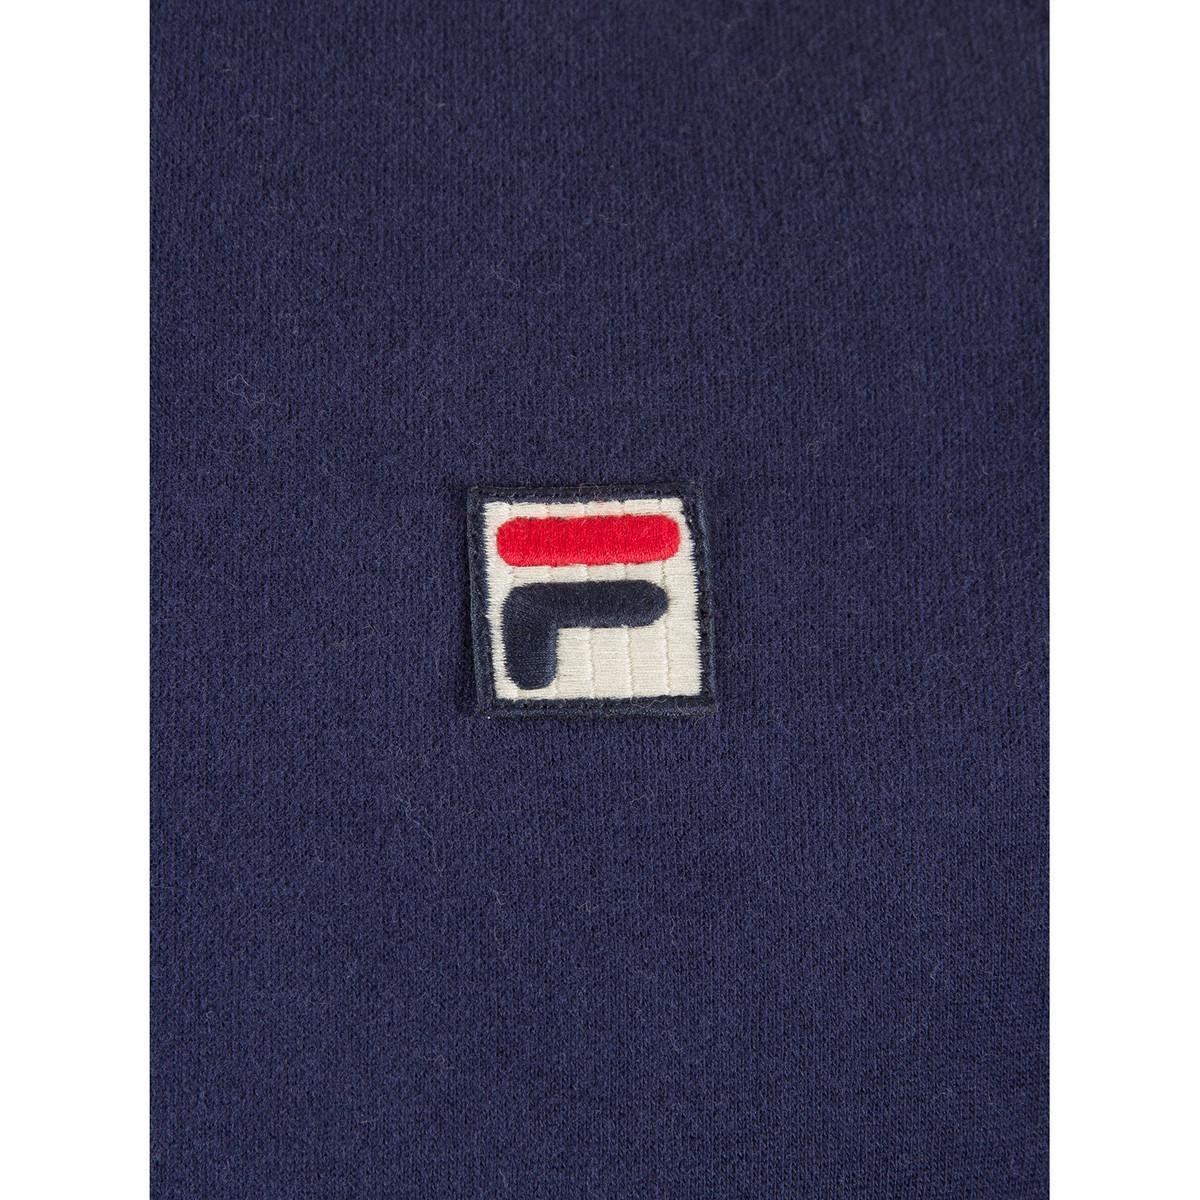 7c99d036ed27 Fila Vintage Men s Filippo Sweatshirt